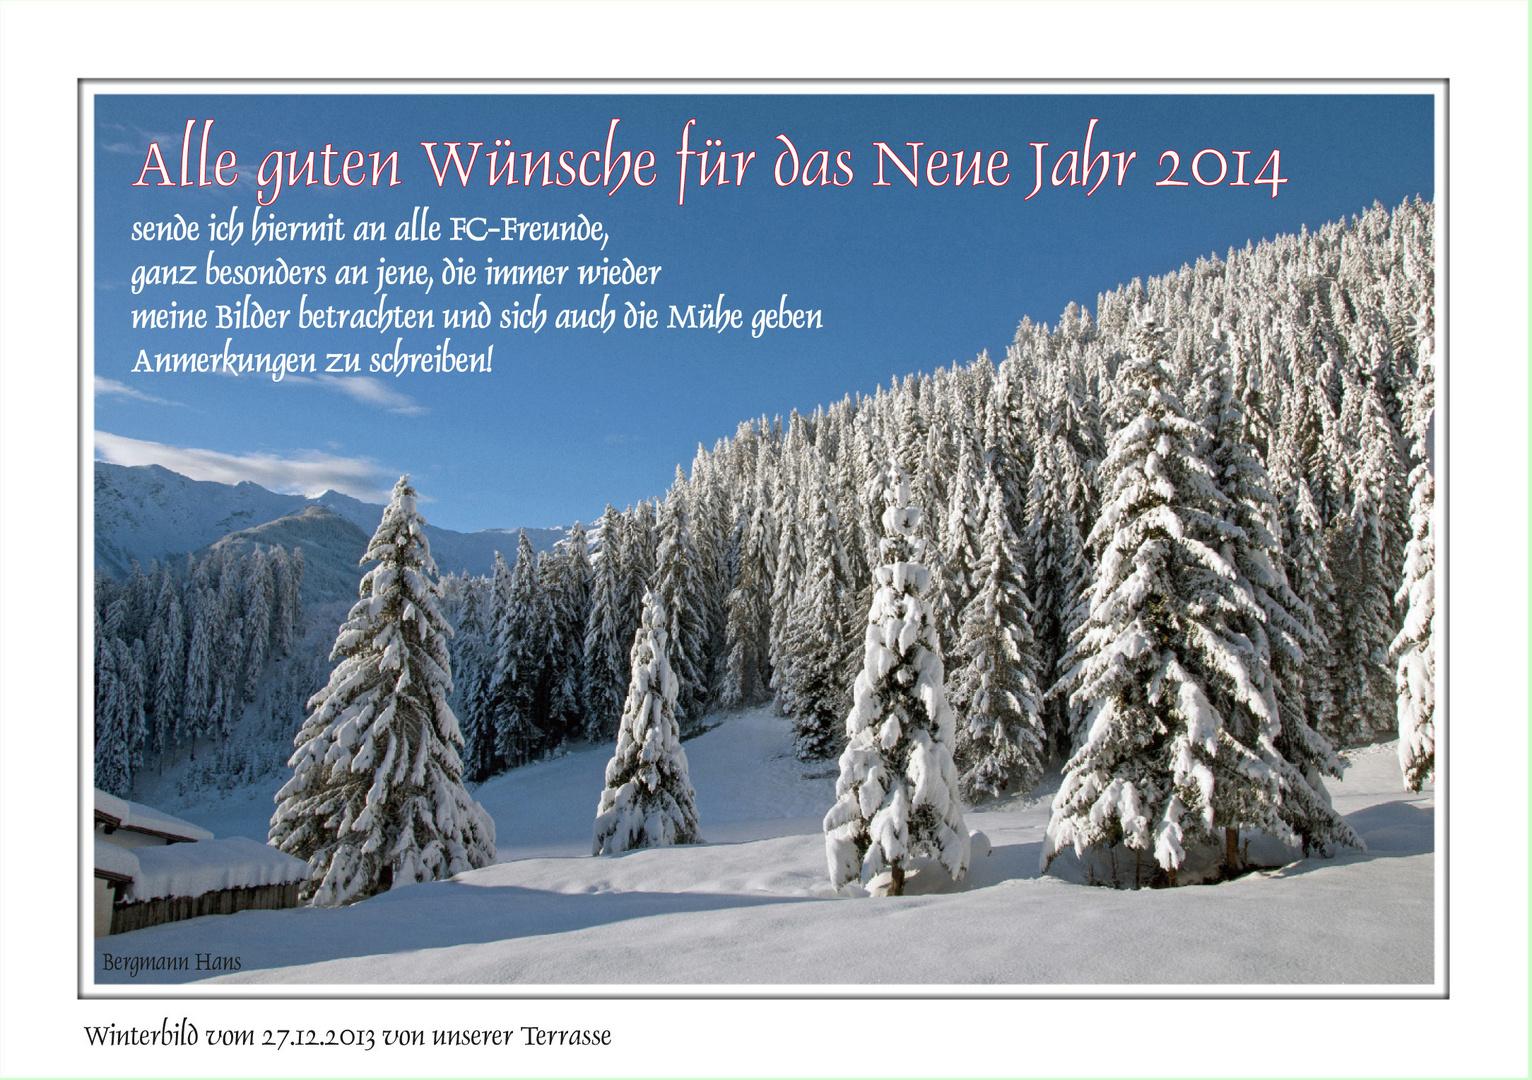 Beste Wünsche Zum Neuen Jahr — hylen.maddawards.com